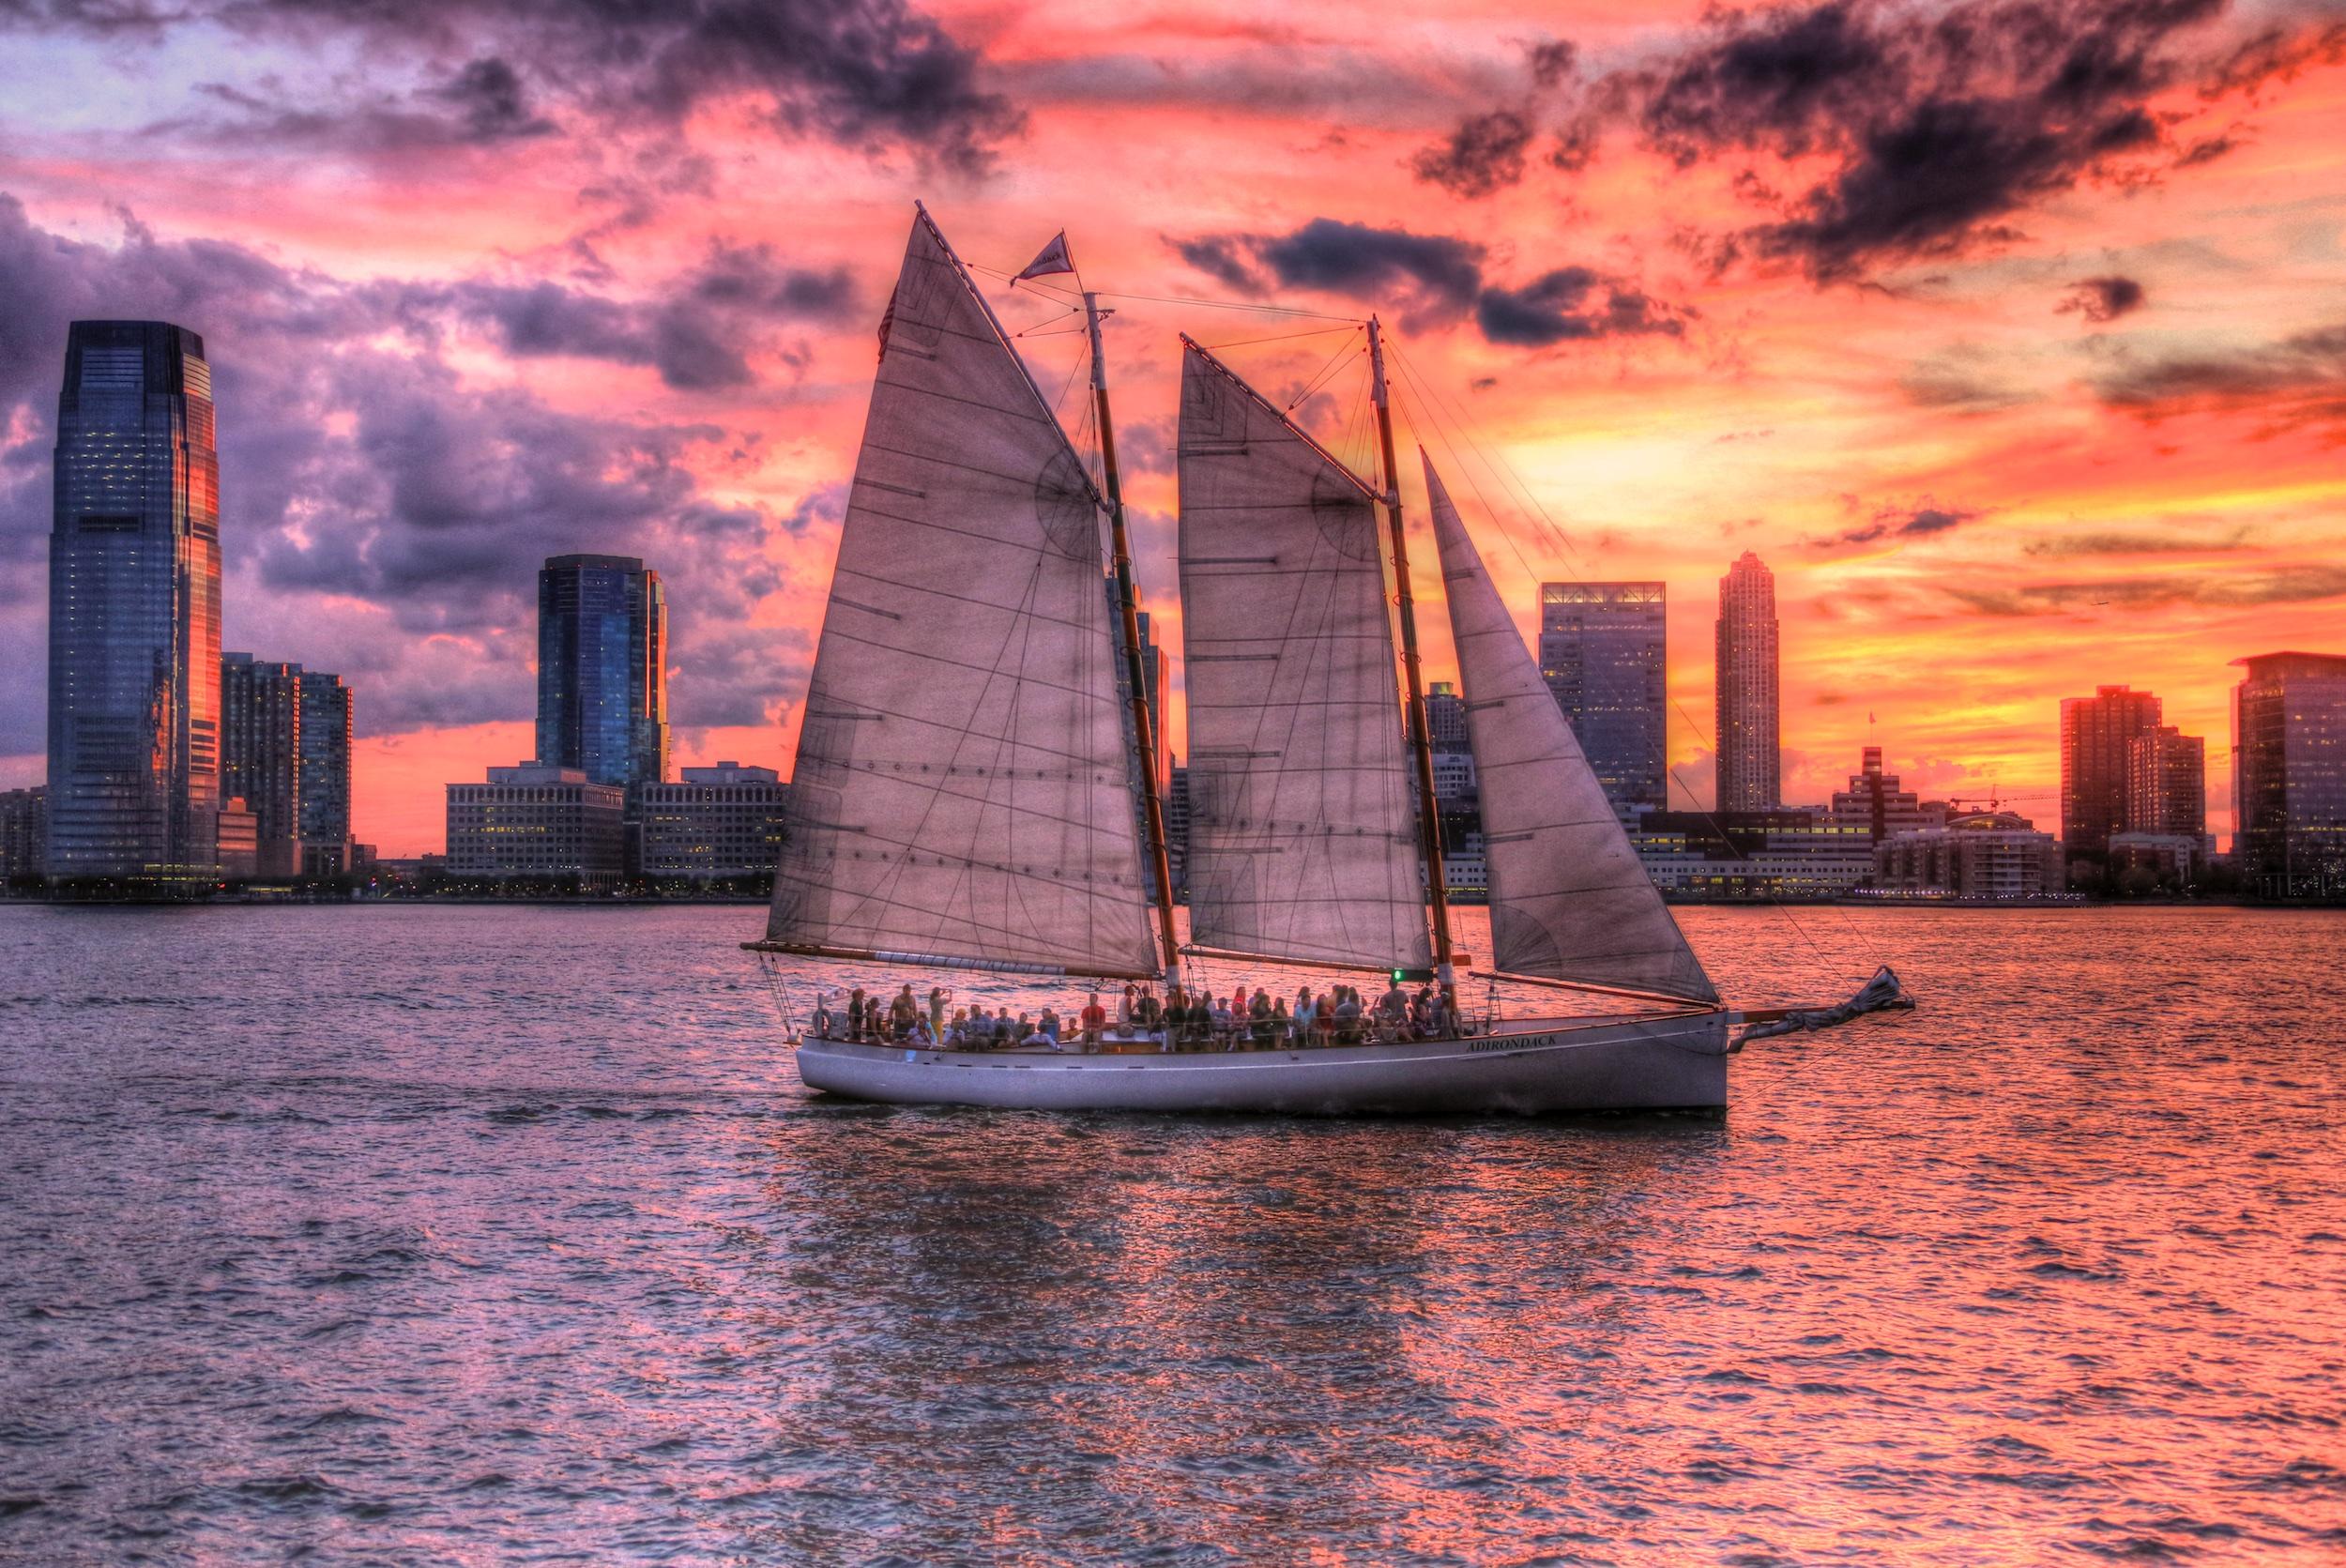 Sonnenuntergang mit Segelboot